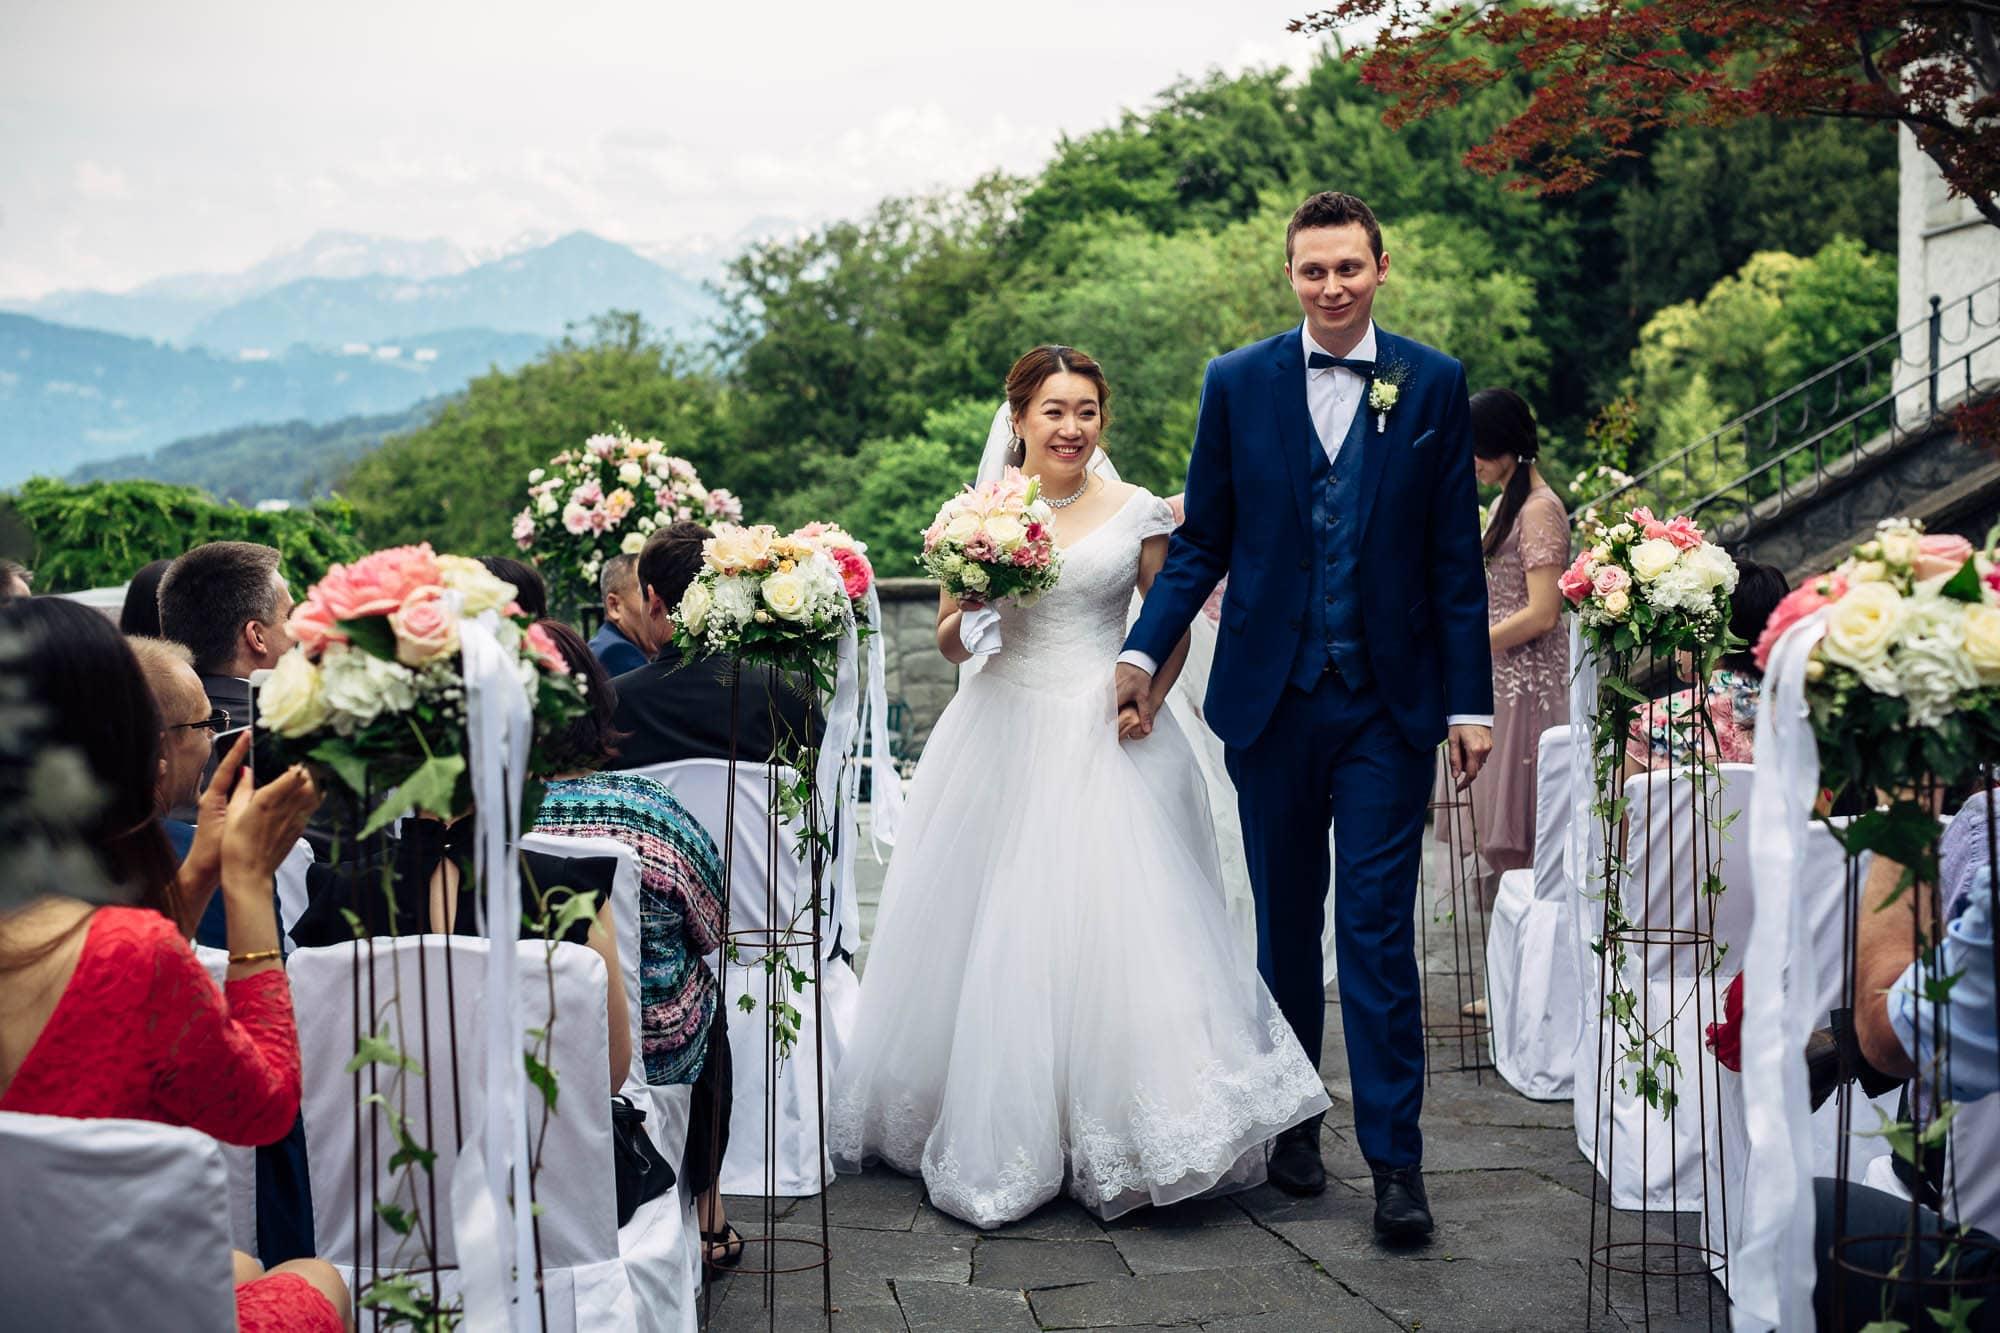 Brautpaar verlässt die Zeremonie zum Apéro